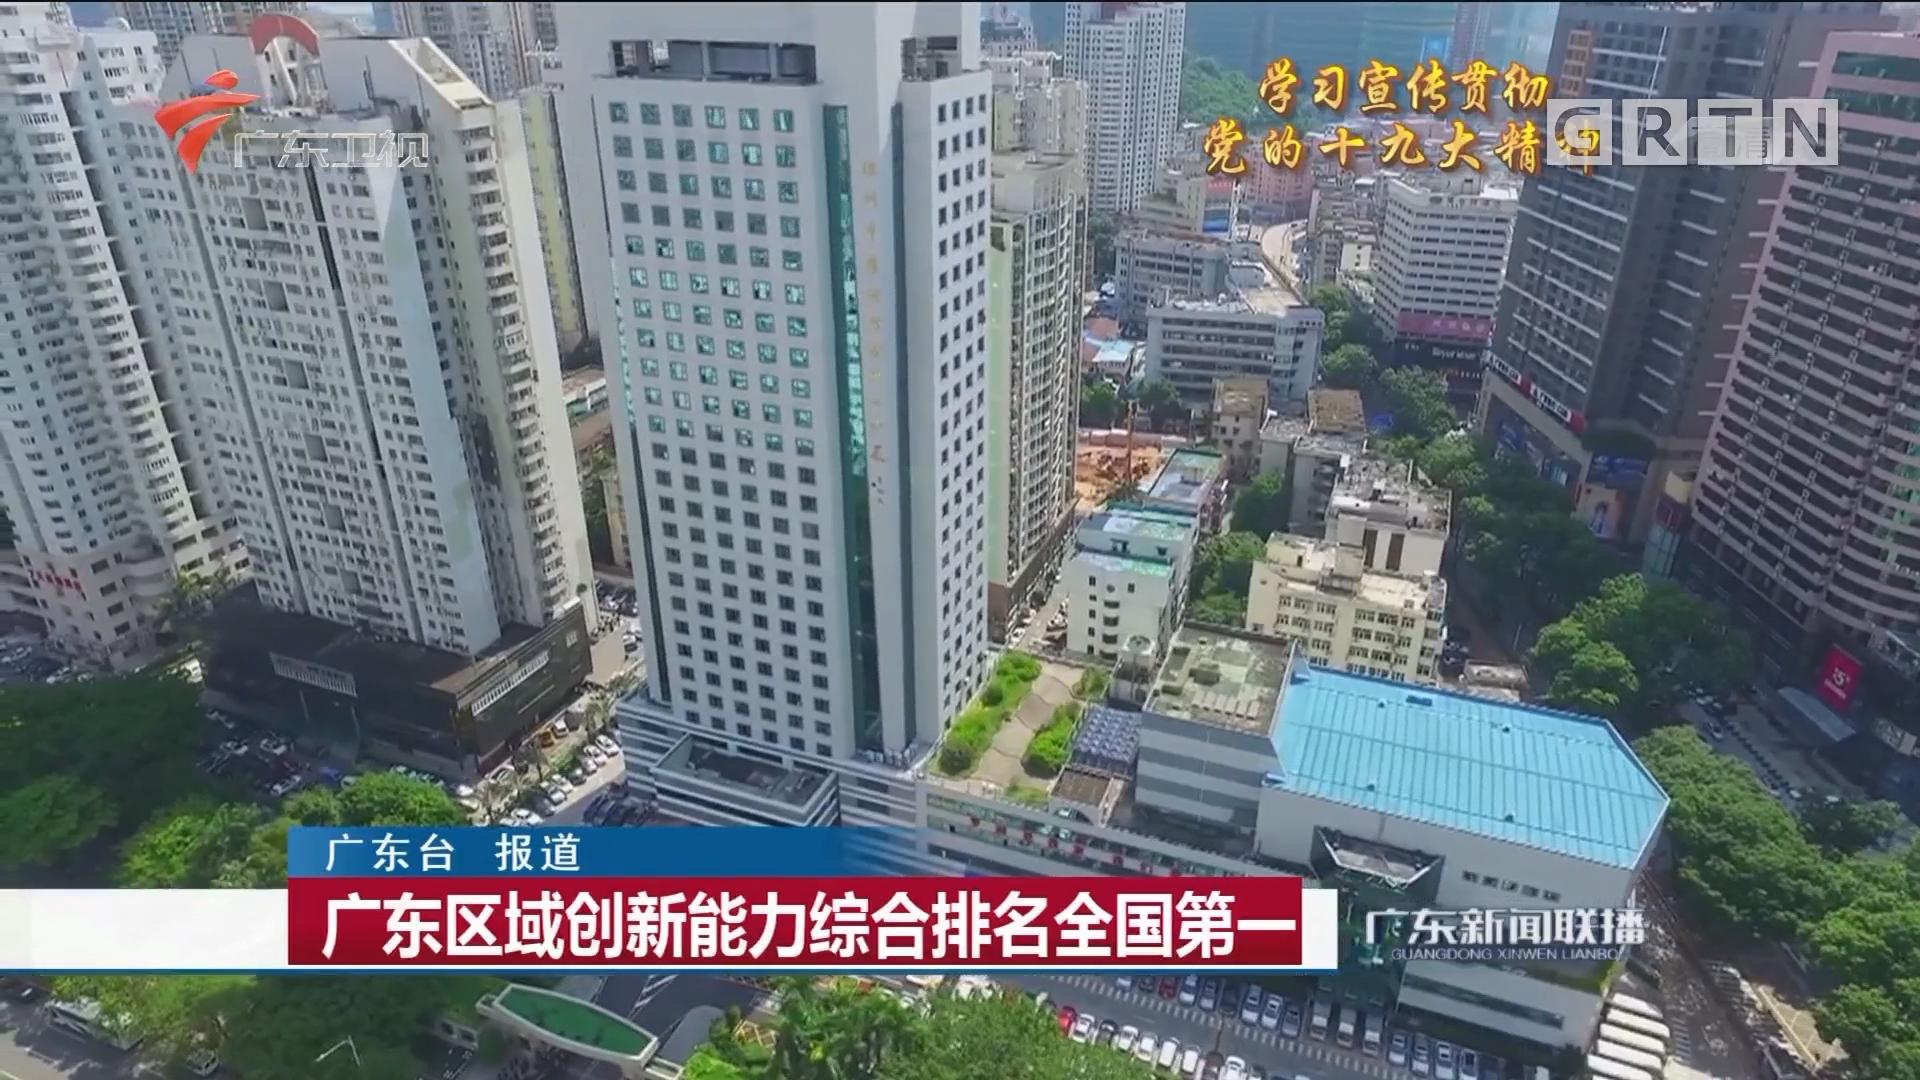 广东区域创新能力综合排名全国第一